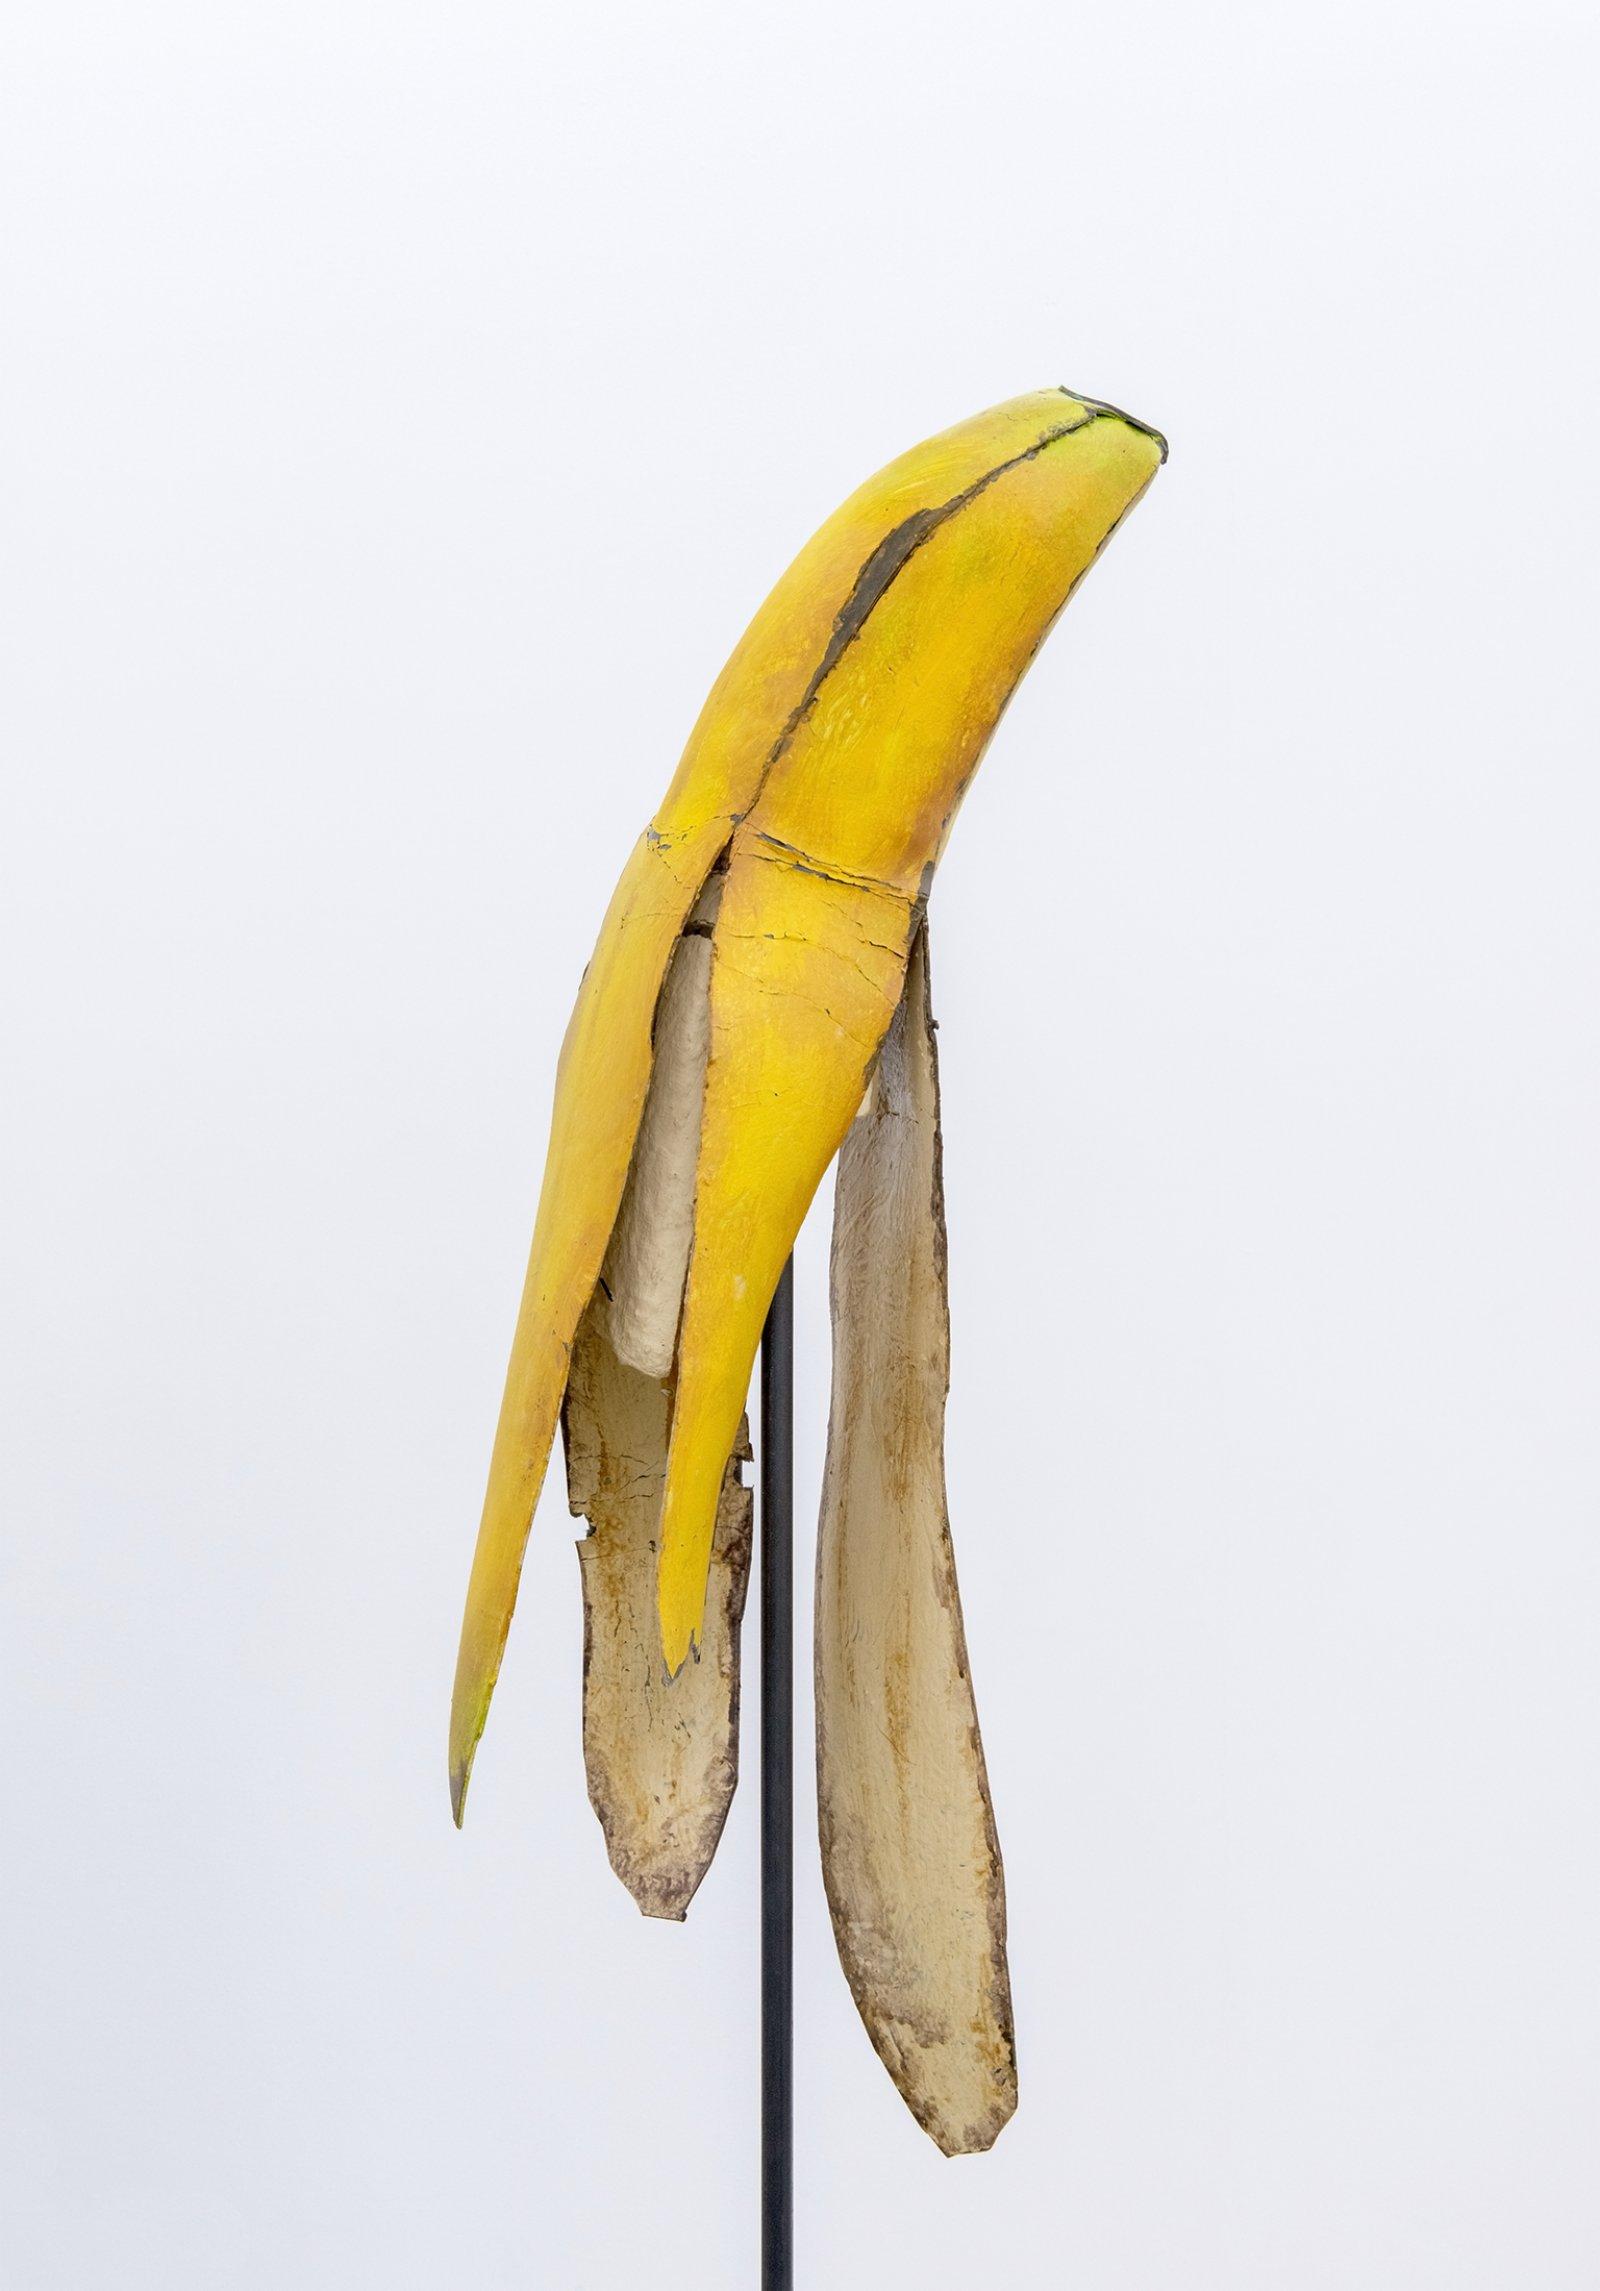 Geoffrey Farmer, Banana and Grass (detail), 2014, paint, foam, grass, metal stand, 2 wooden wall façades, window, sandbags, banana: 67 x 12 x 12 in. (170 x 31 x 31 cm), grass: 76 x 21 x 21 in. (193 x 54 x 54 cm)